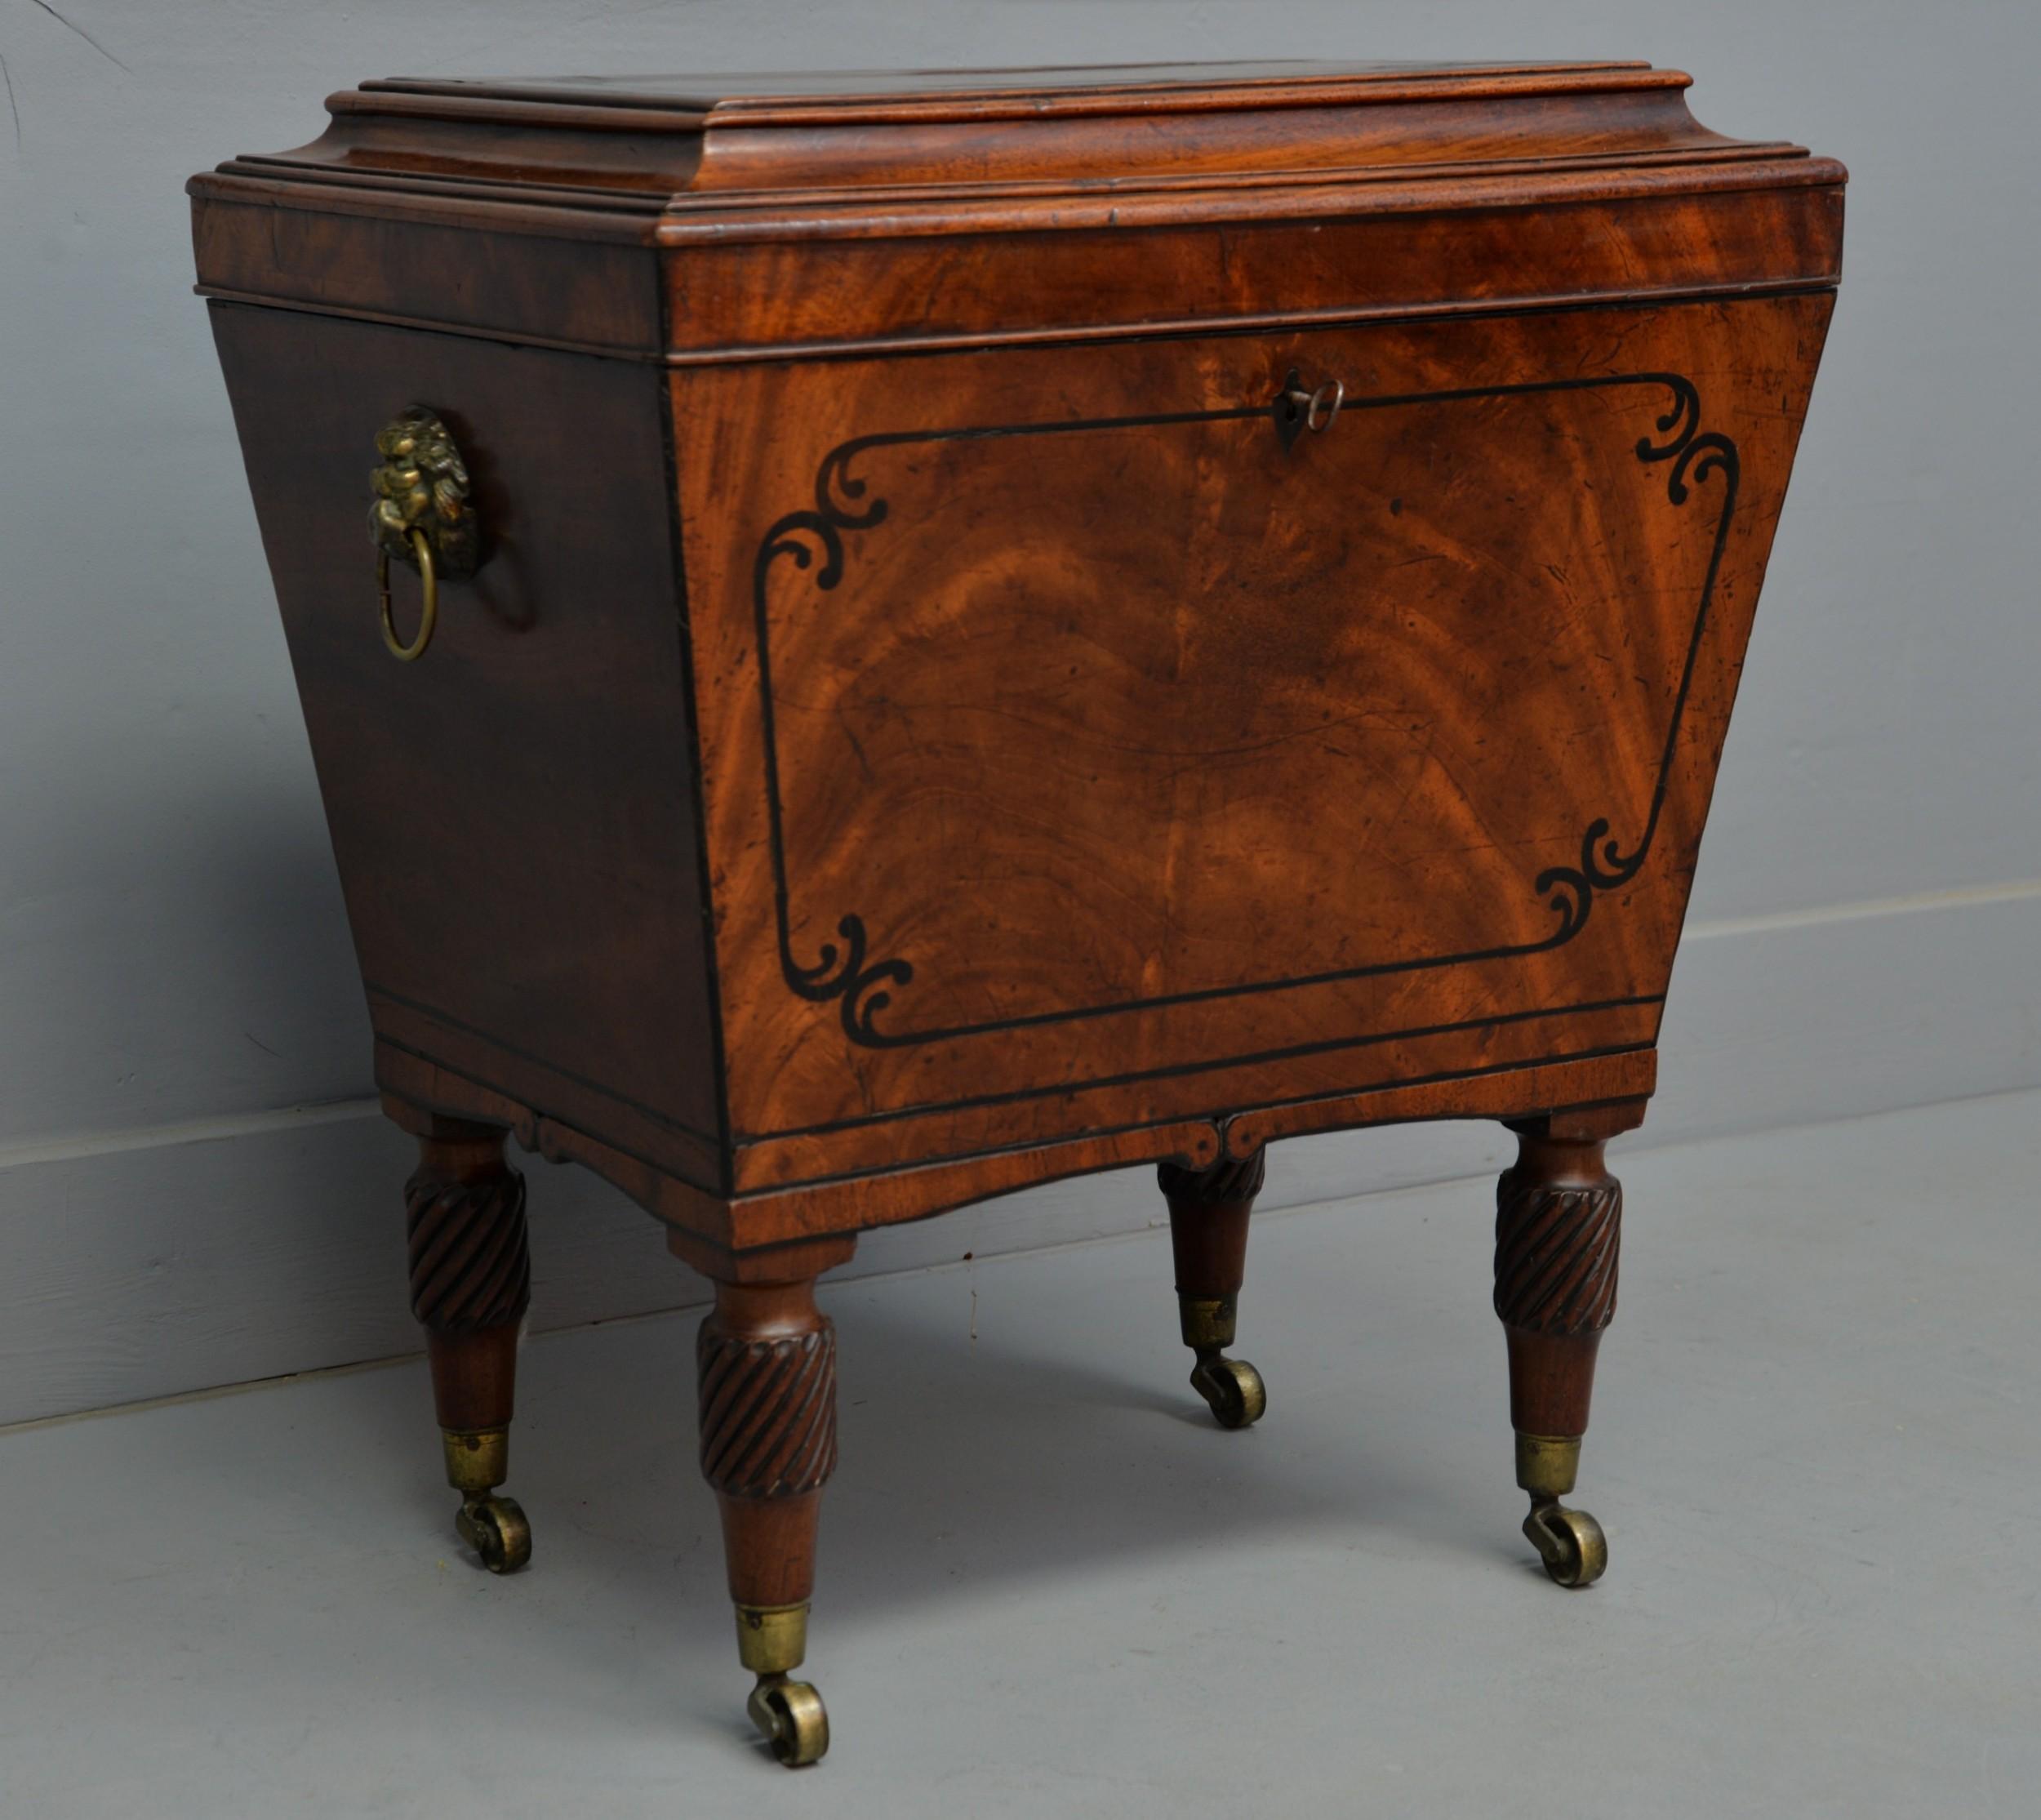 regency mahogany ebony sarcophagus wine cellarette